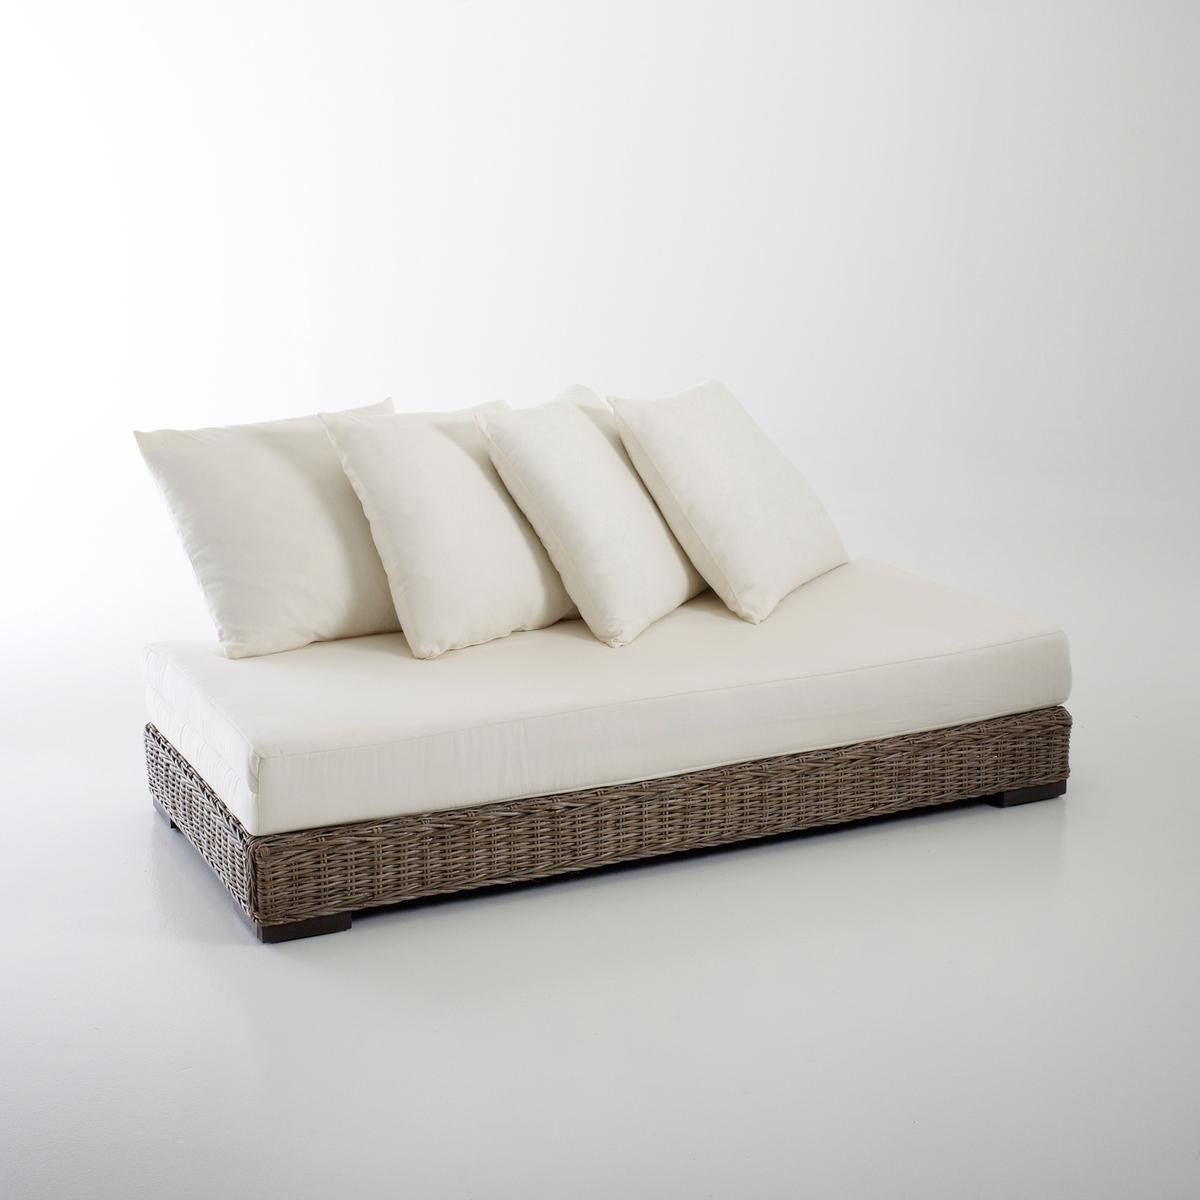 Кровать-банкетка с плетением кубу Giada dl 30подсвечник giada delta